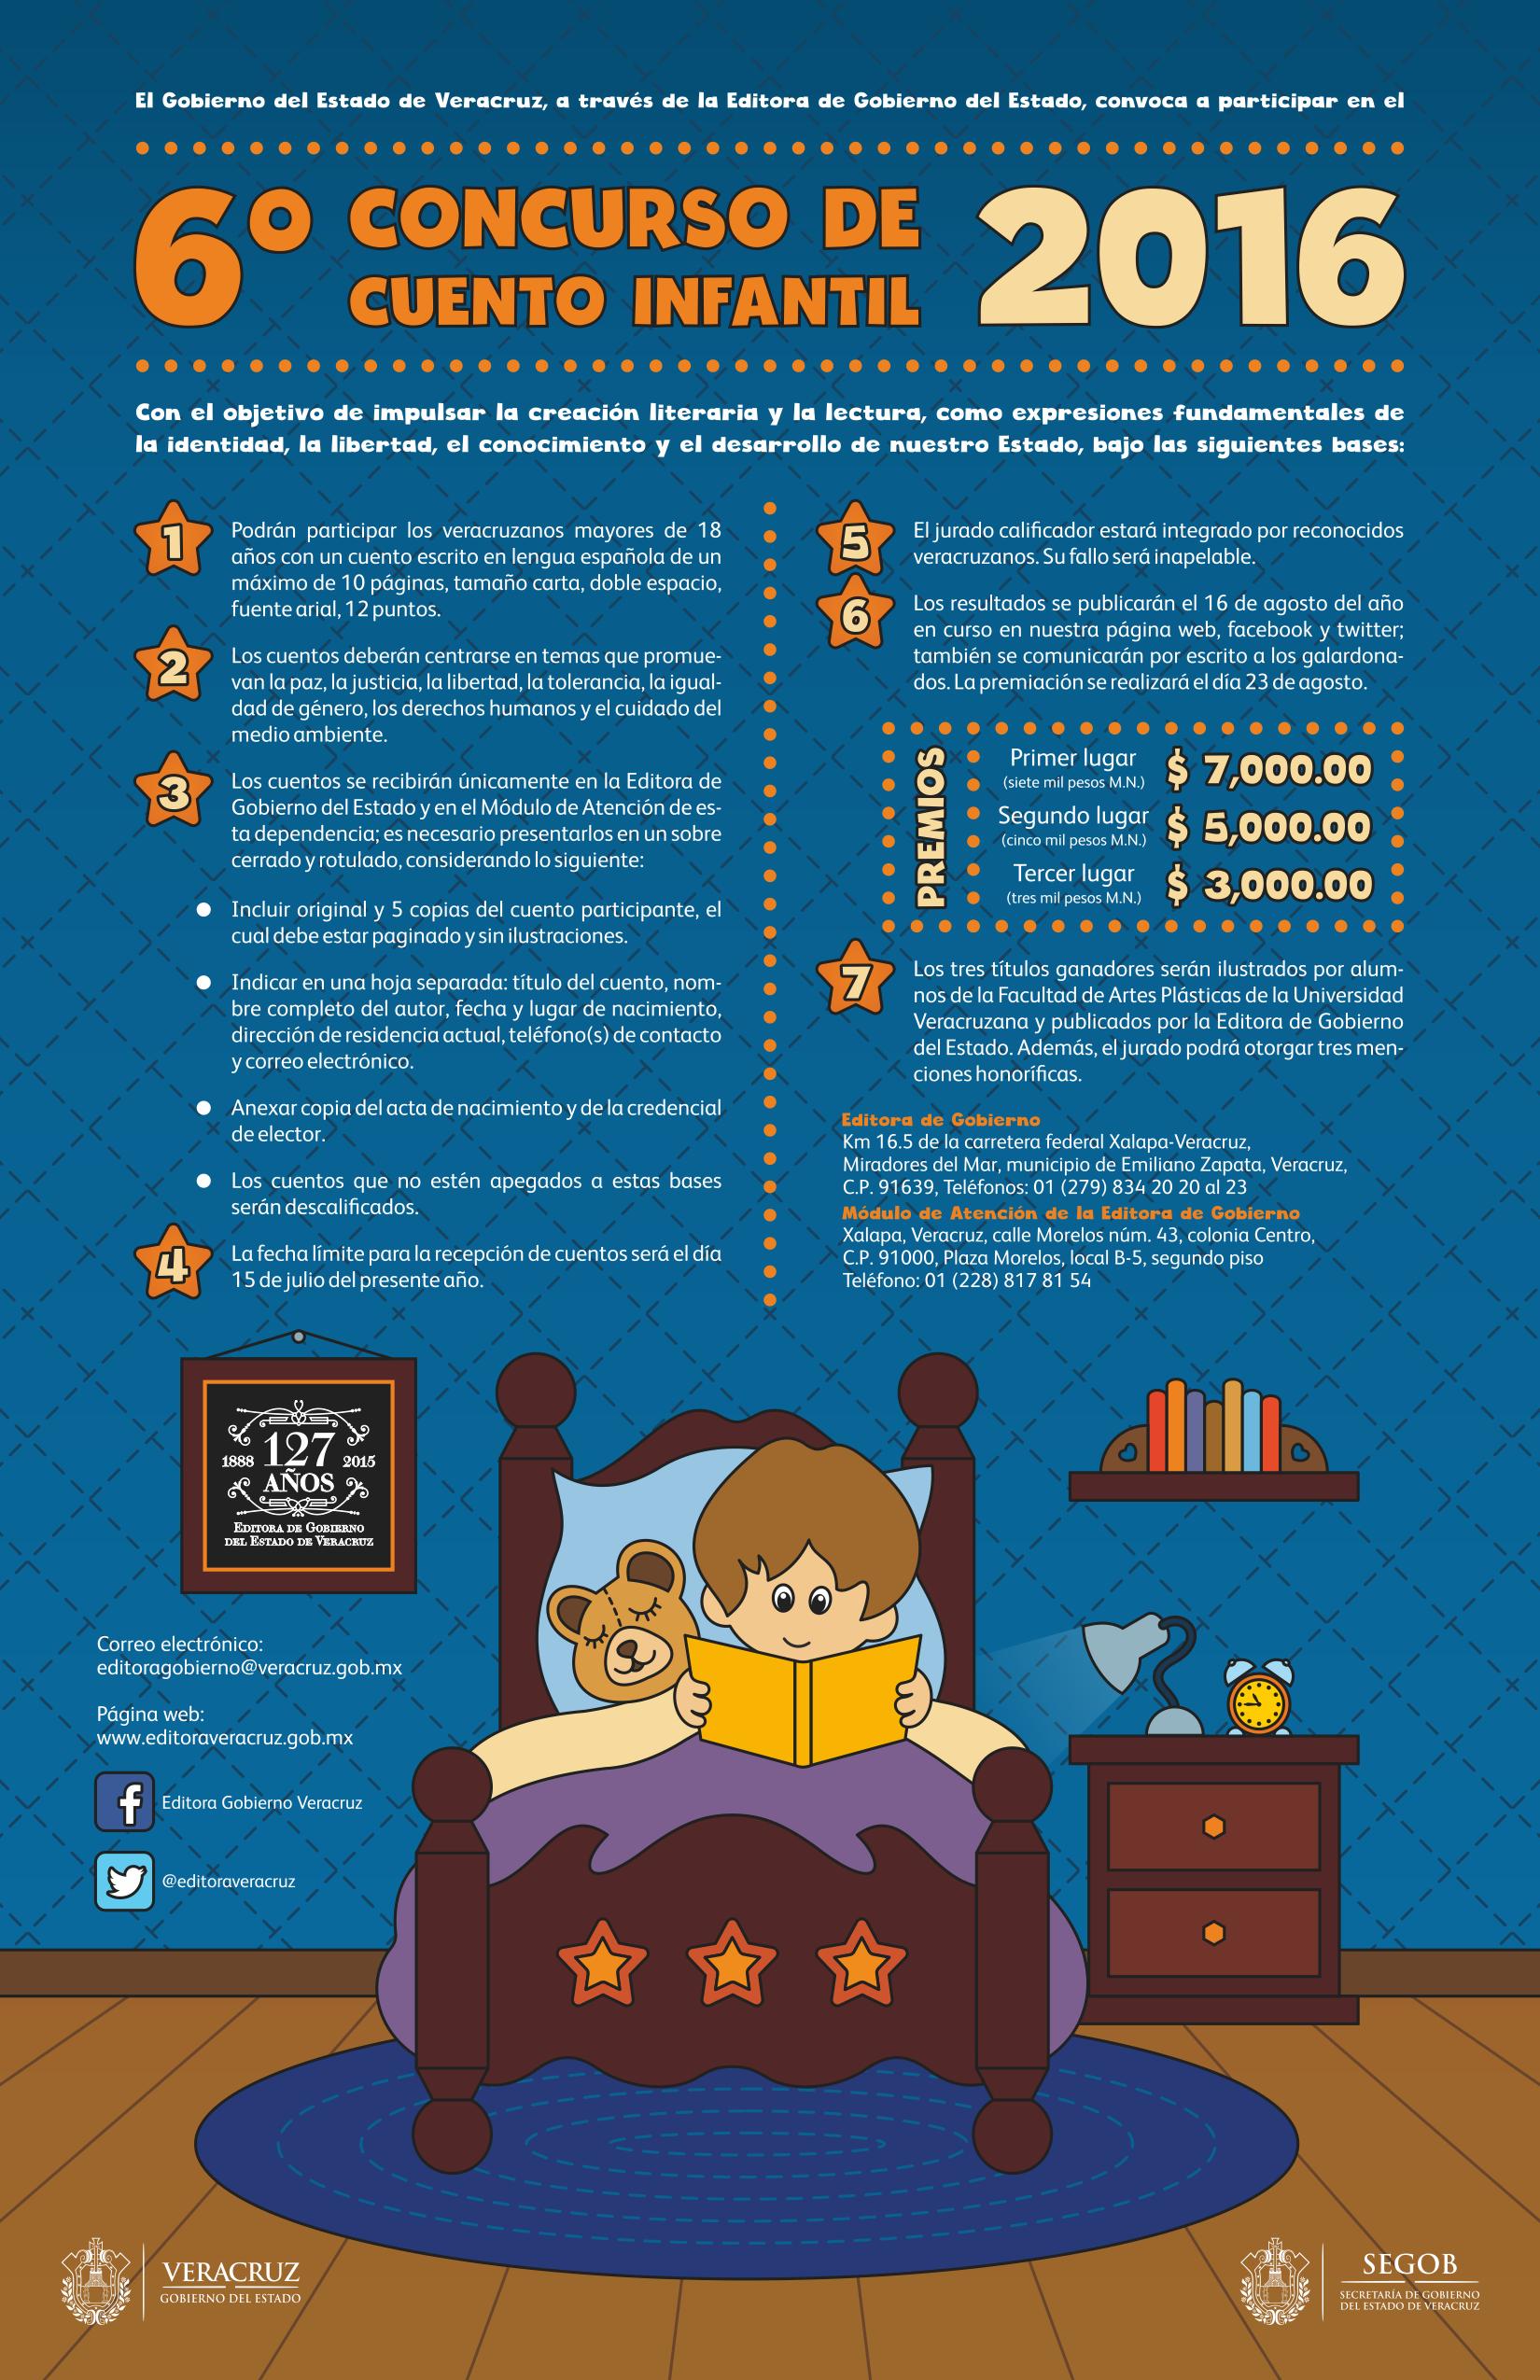 Invita segob al 6 concurso de cuento infantil 2016 e for Concurso de docencia 2016